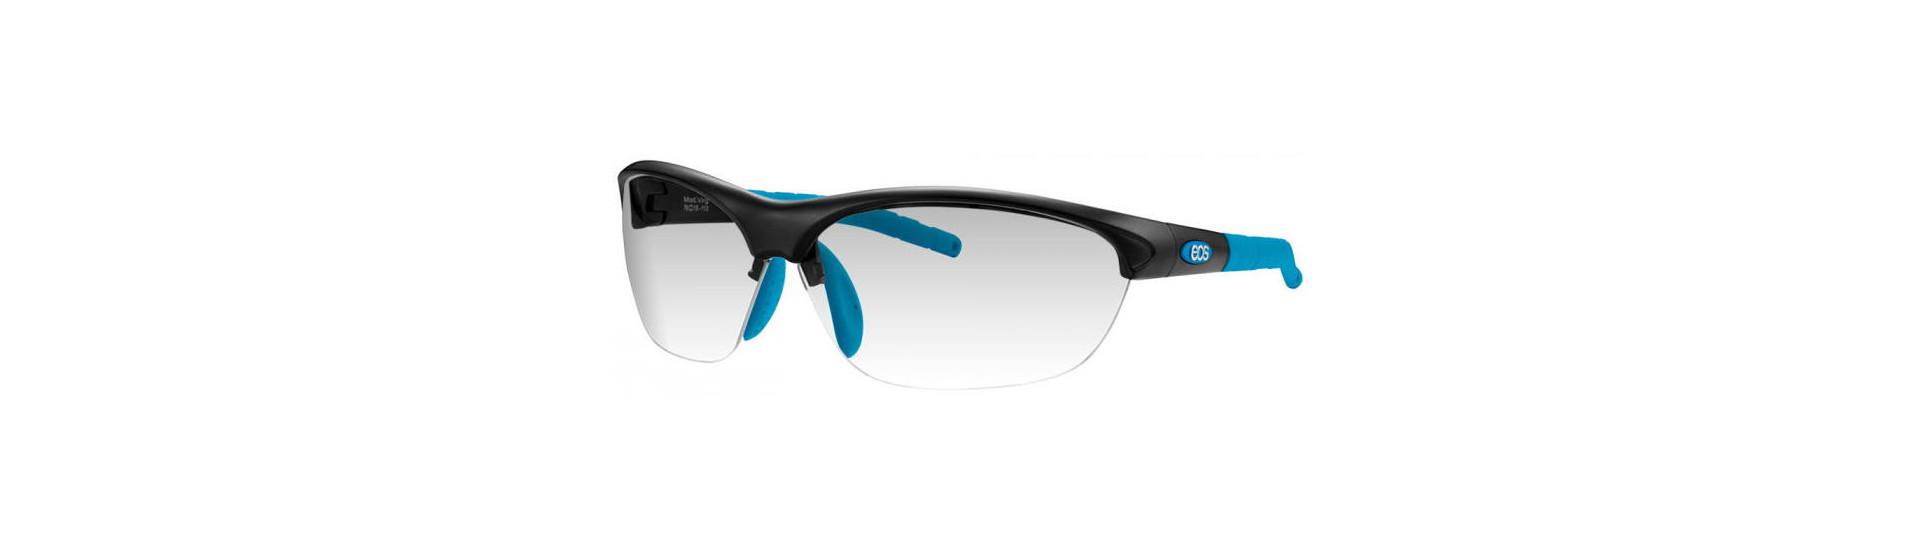 ▷ Ventajas de las Gafas EOS Fotocromáticas para jugar al Pádel